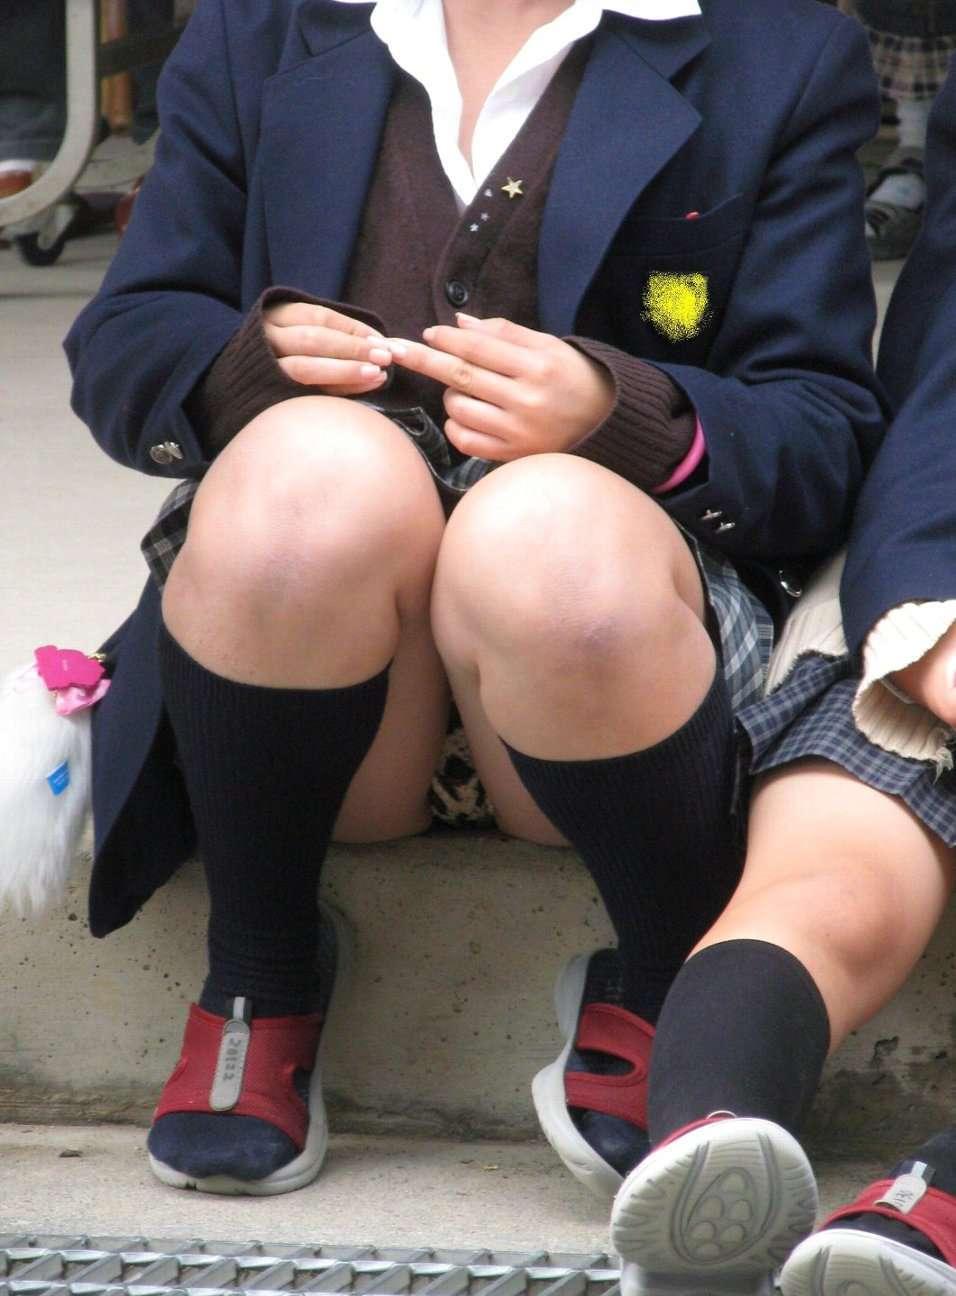 スカート姿で座ってパンチラ (11)